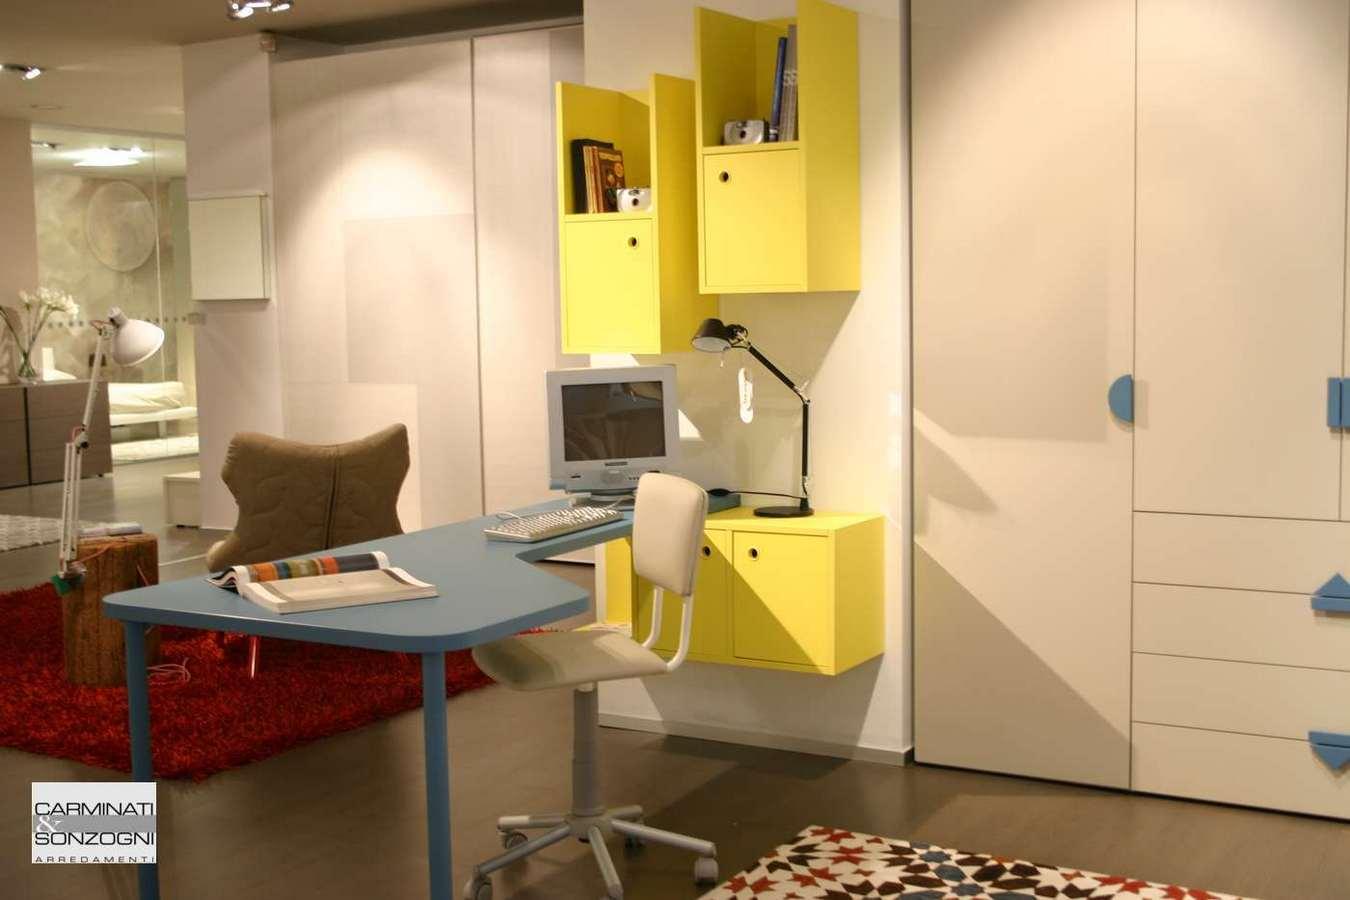 scrivania e sedia nella cameretta